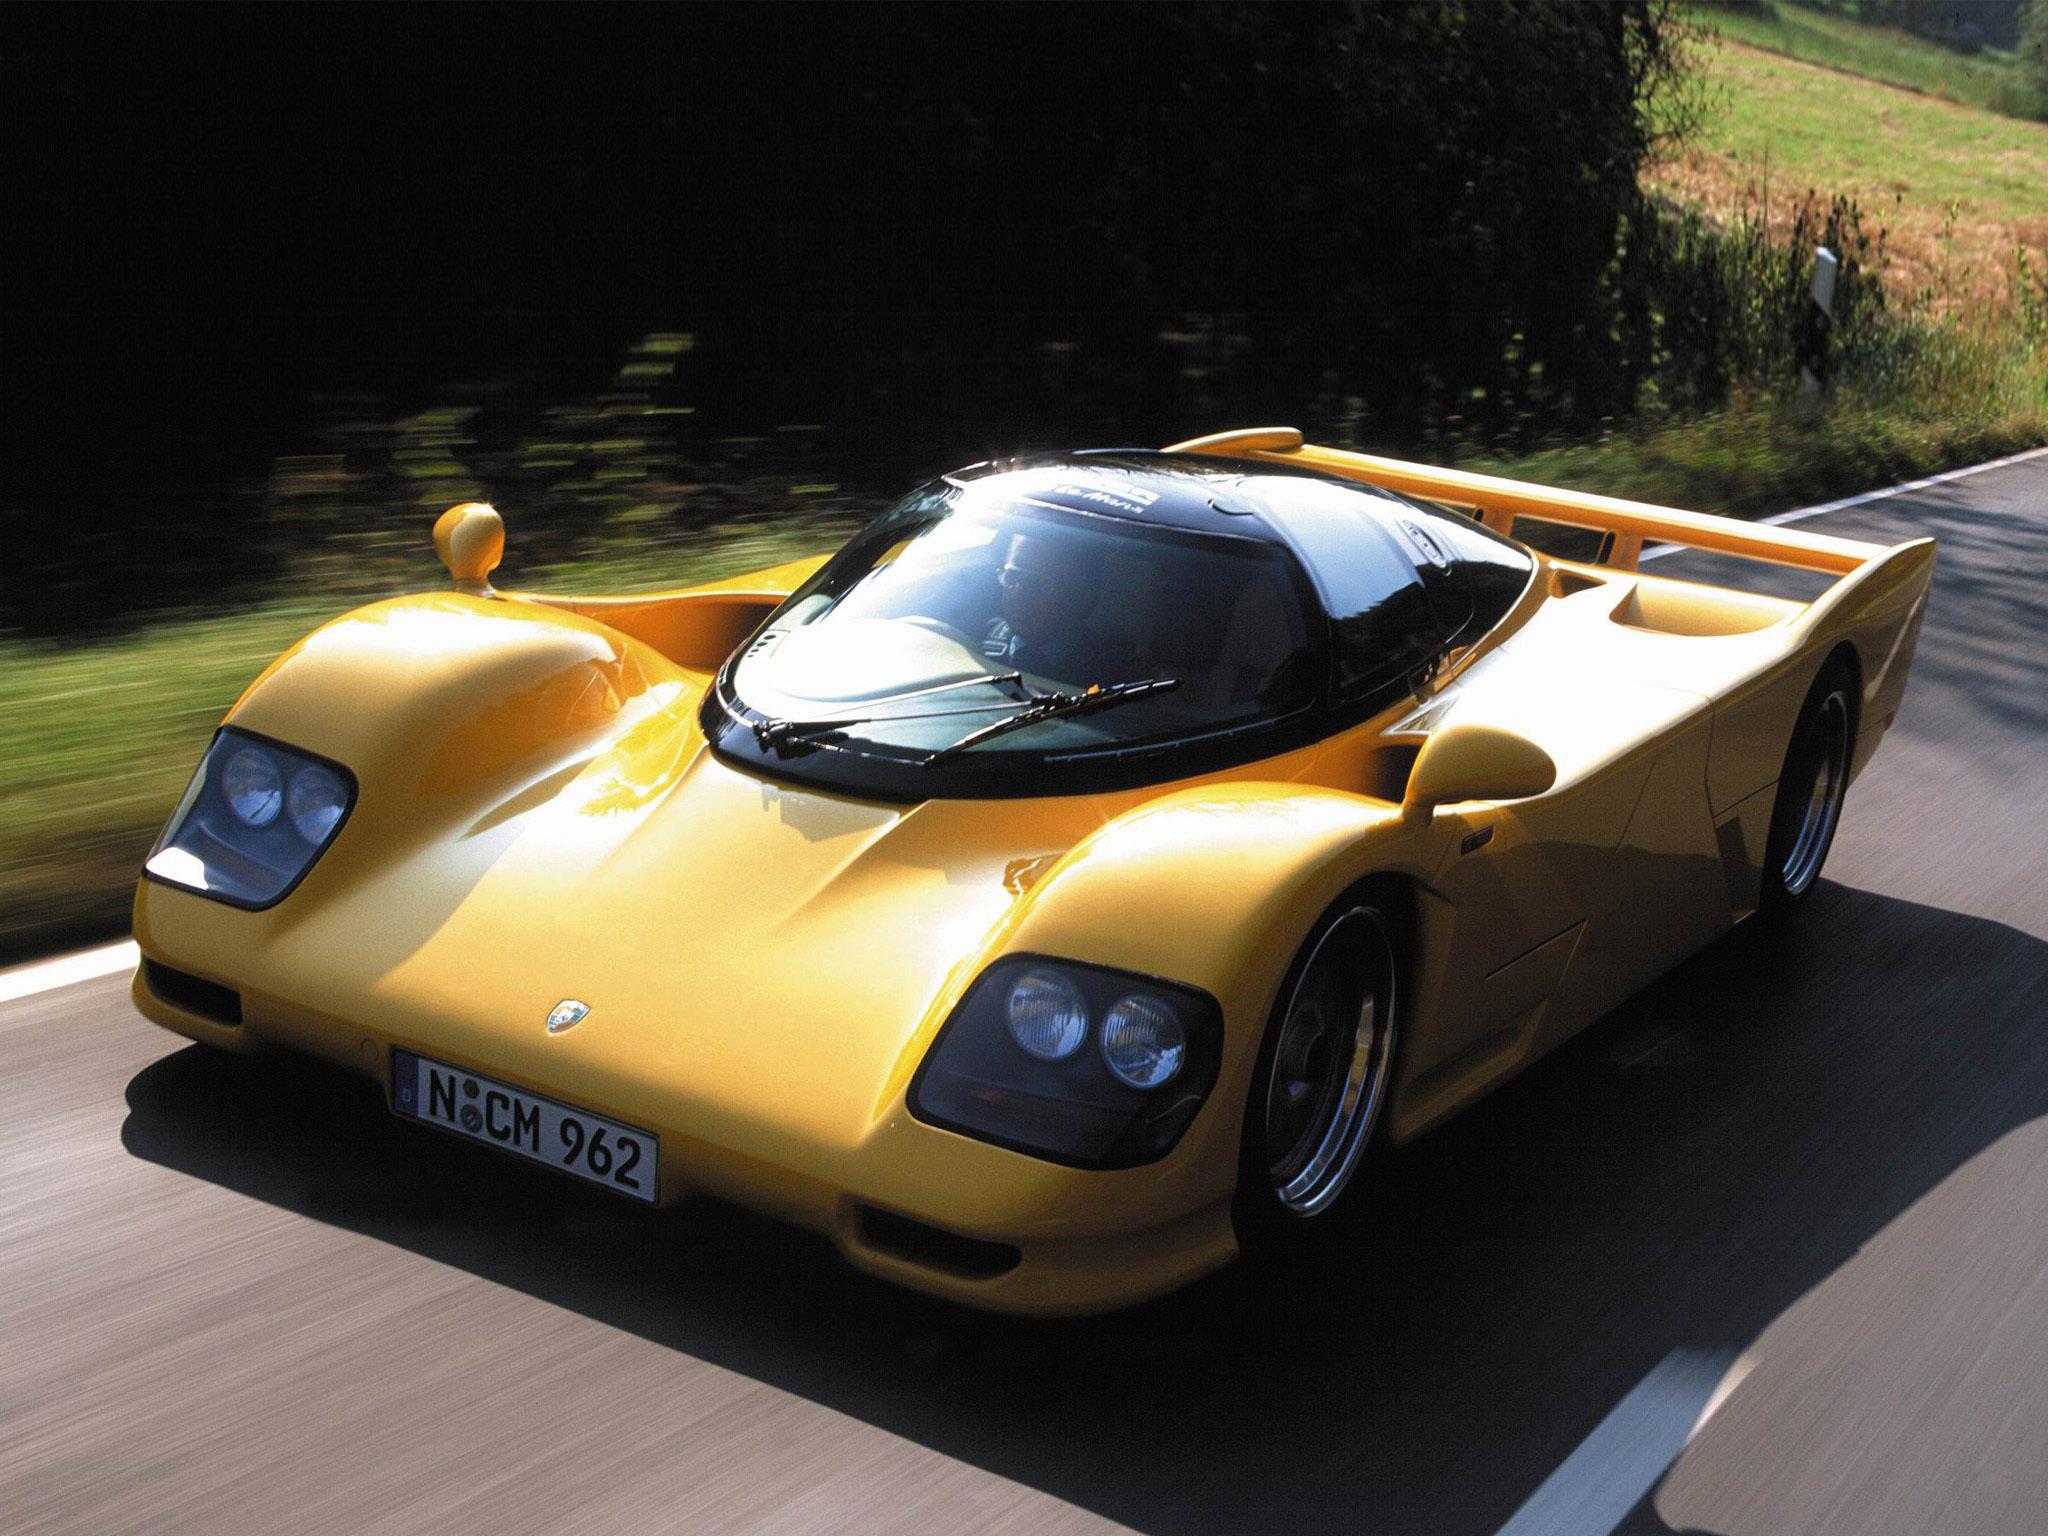 Porsche-962-dauer-lemans-road-car-1994-9